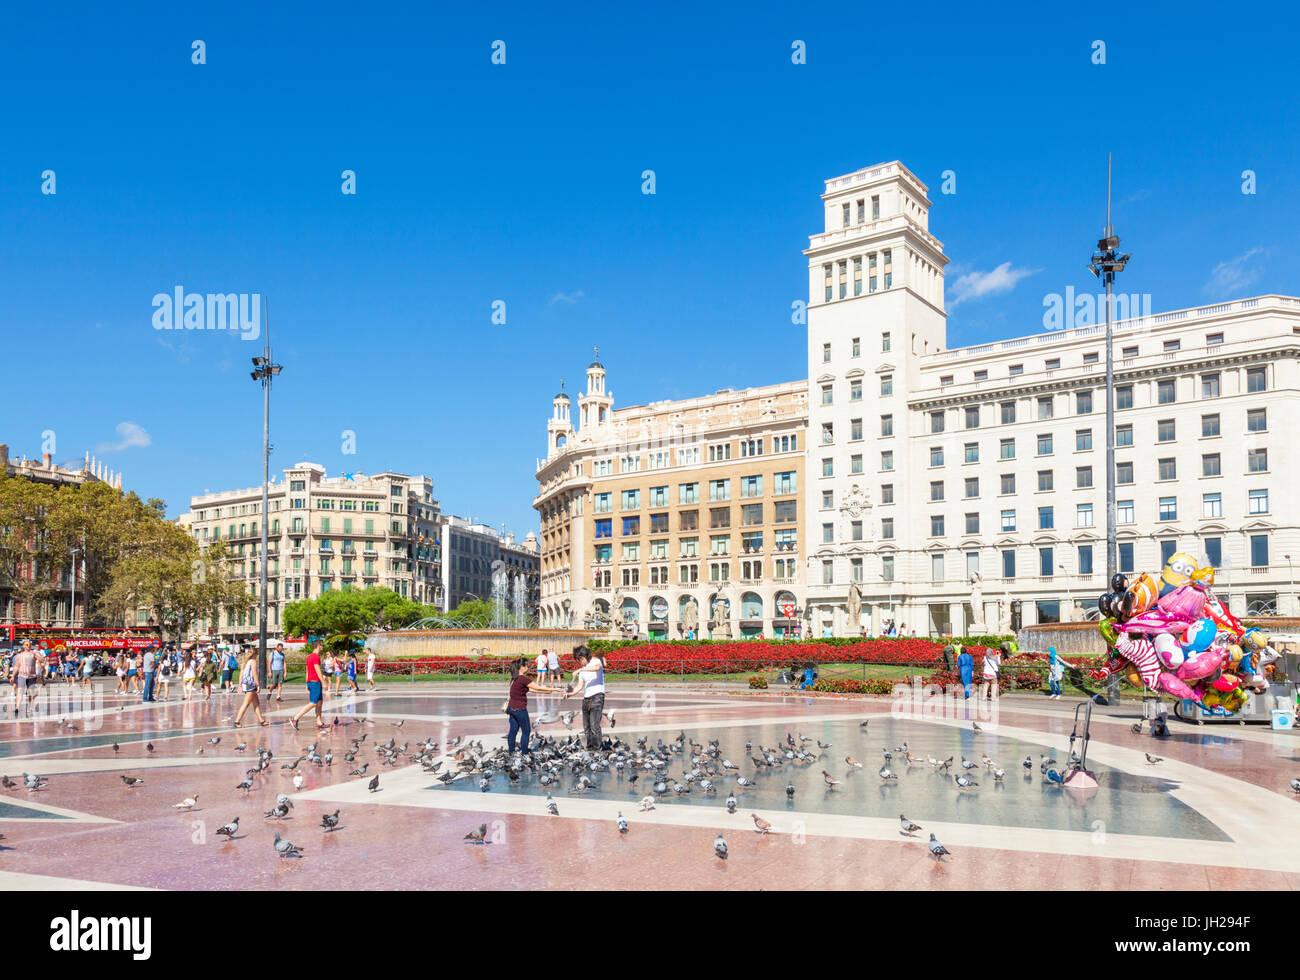 Placa de Catalunya, une grande place publique dans le centre-ville de Barcelone, Catalogne (Catalunya), Espagne, Photo Stock